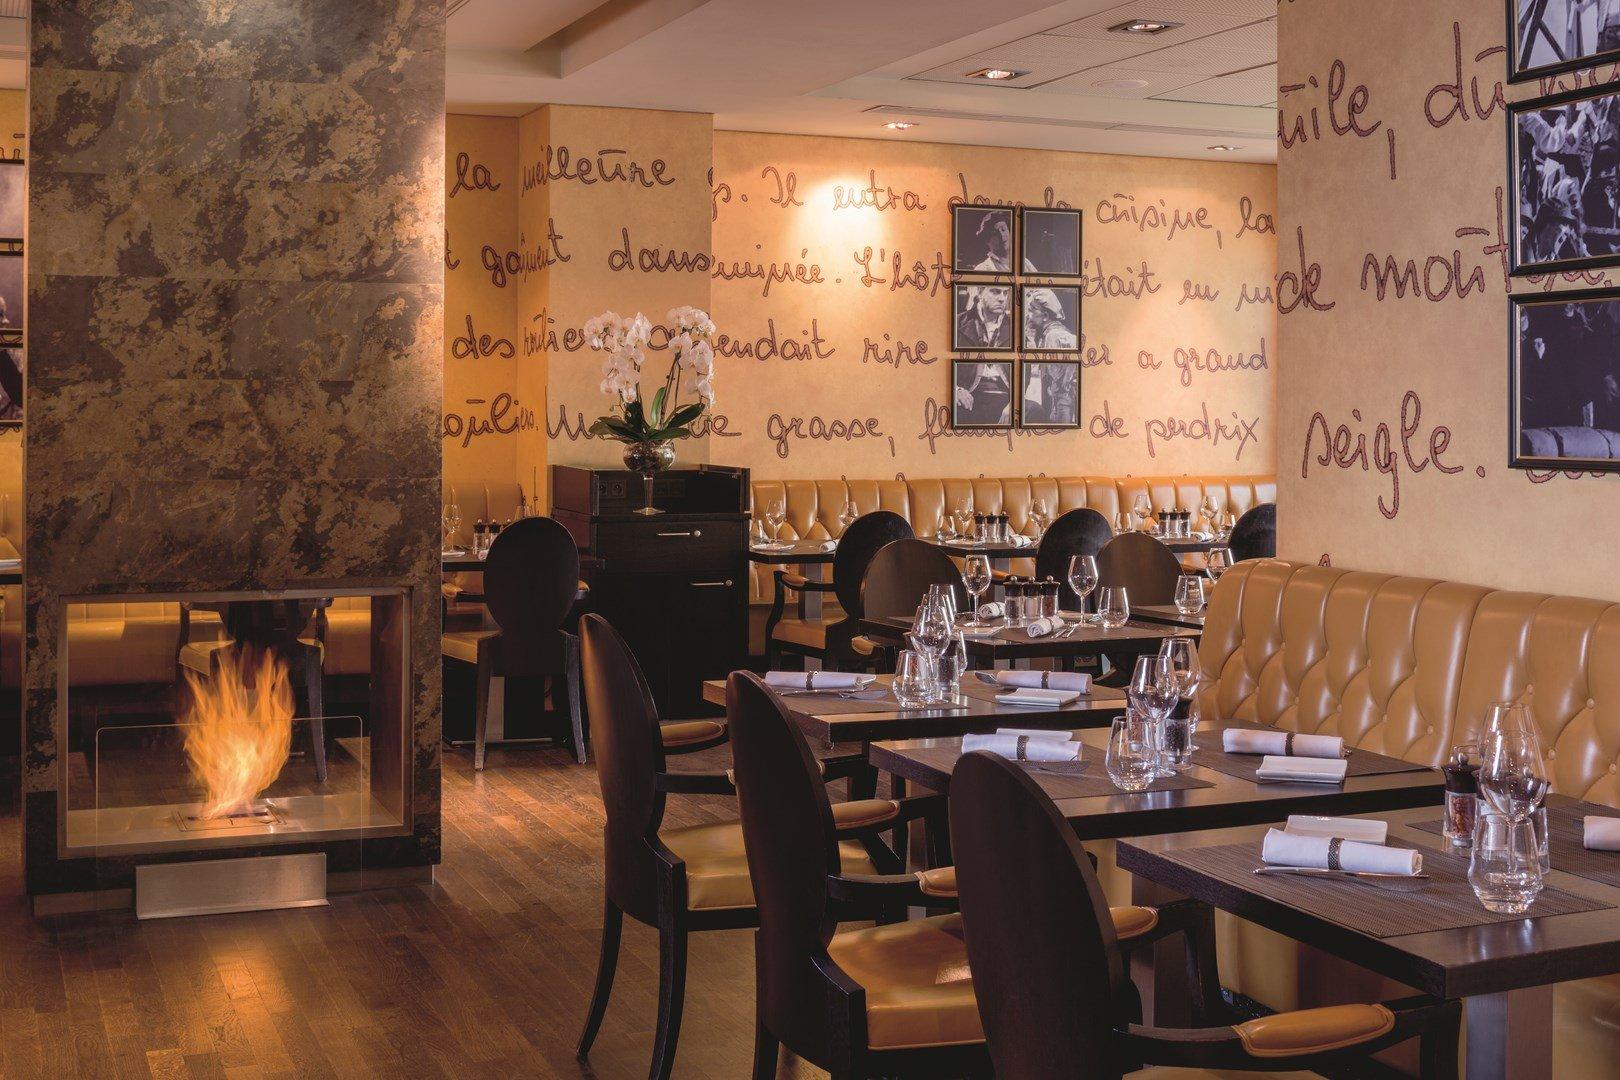 Repas entreprise adresse au style contemporain à l'atmosphère chaude et accueillante restaurant groupe Neuilly-sur-Seine 92